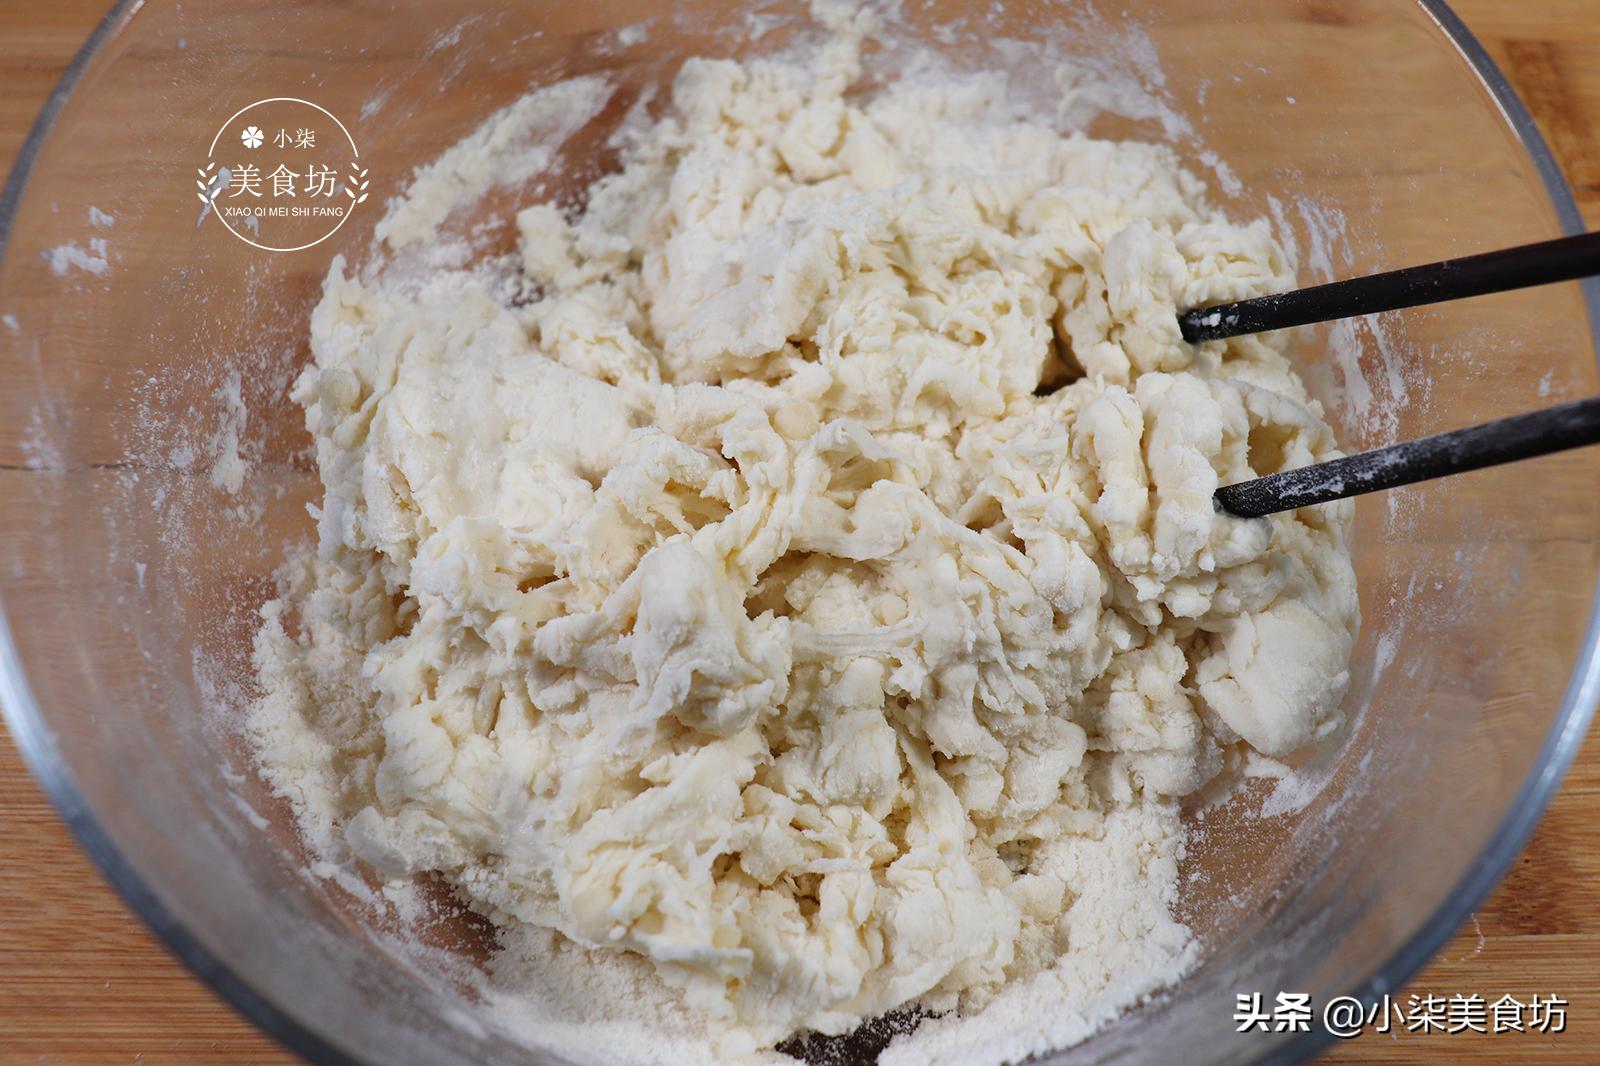 想吃小酥饼不用排队了,教你在家做,不用烤箱,个个酥脆掉渣,香 美食做法 第4张